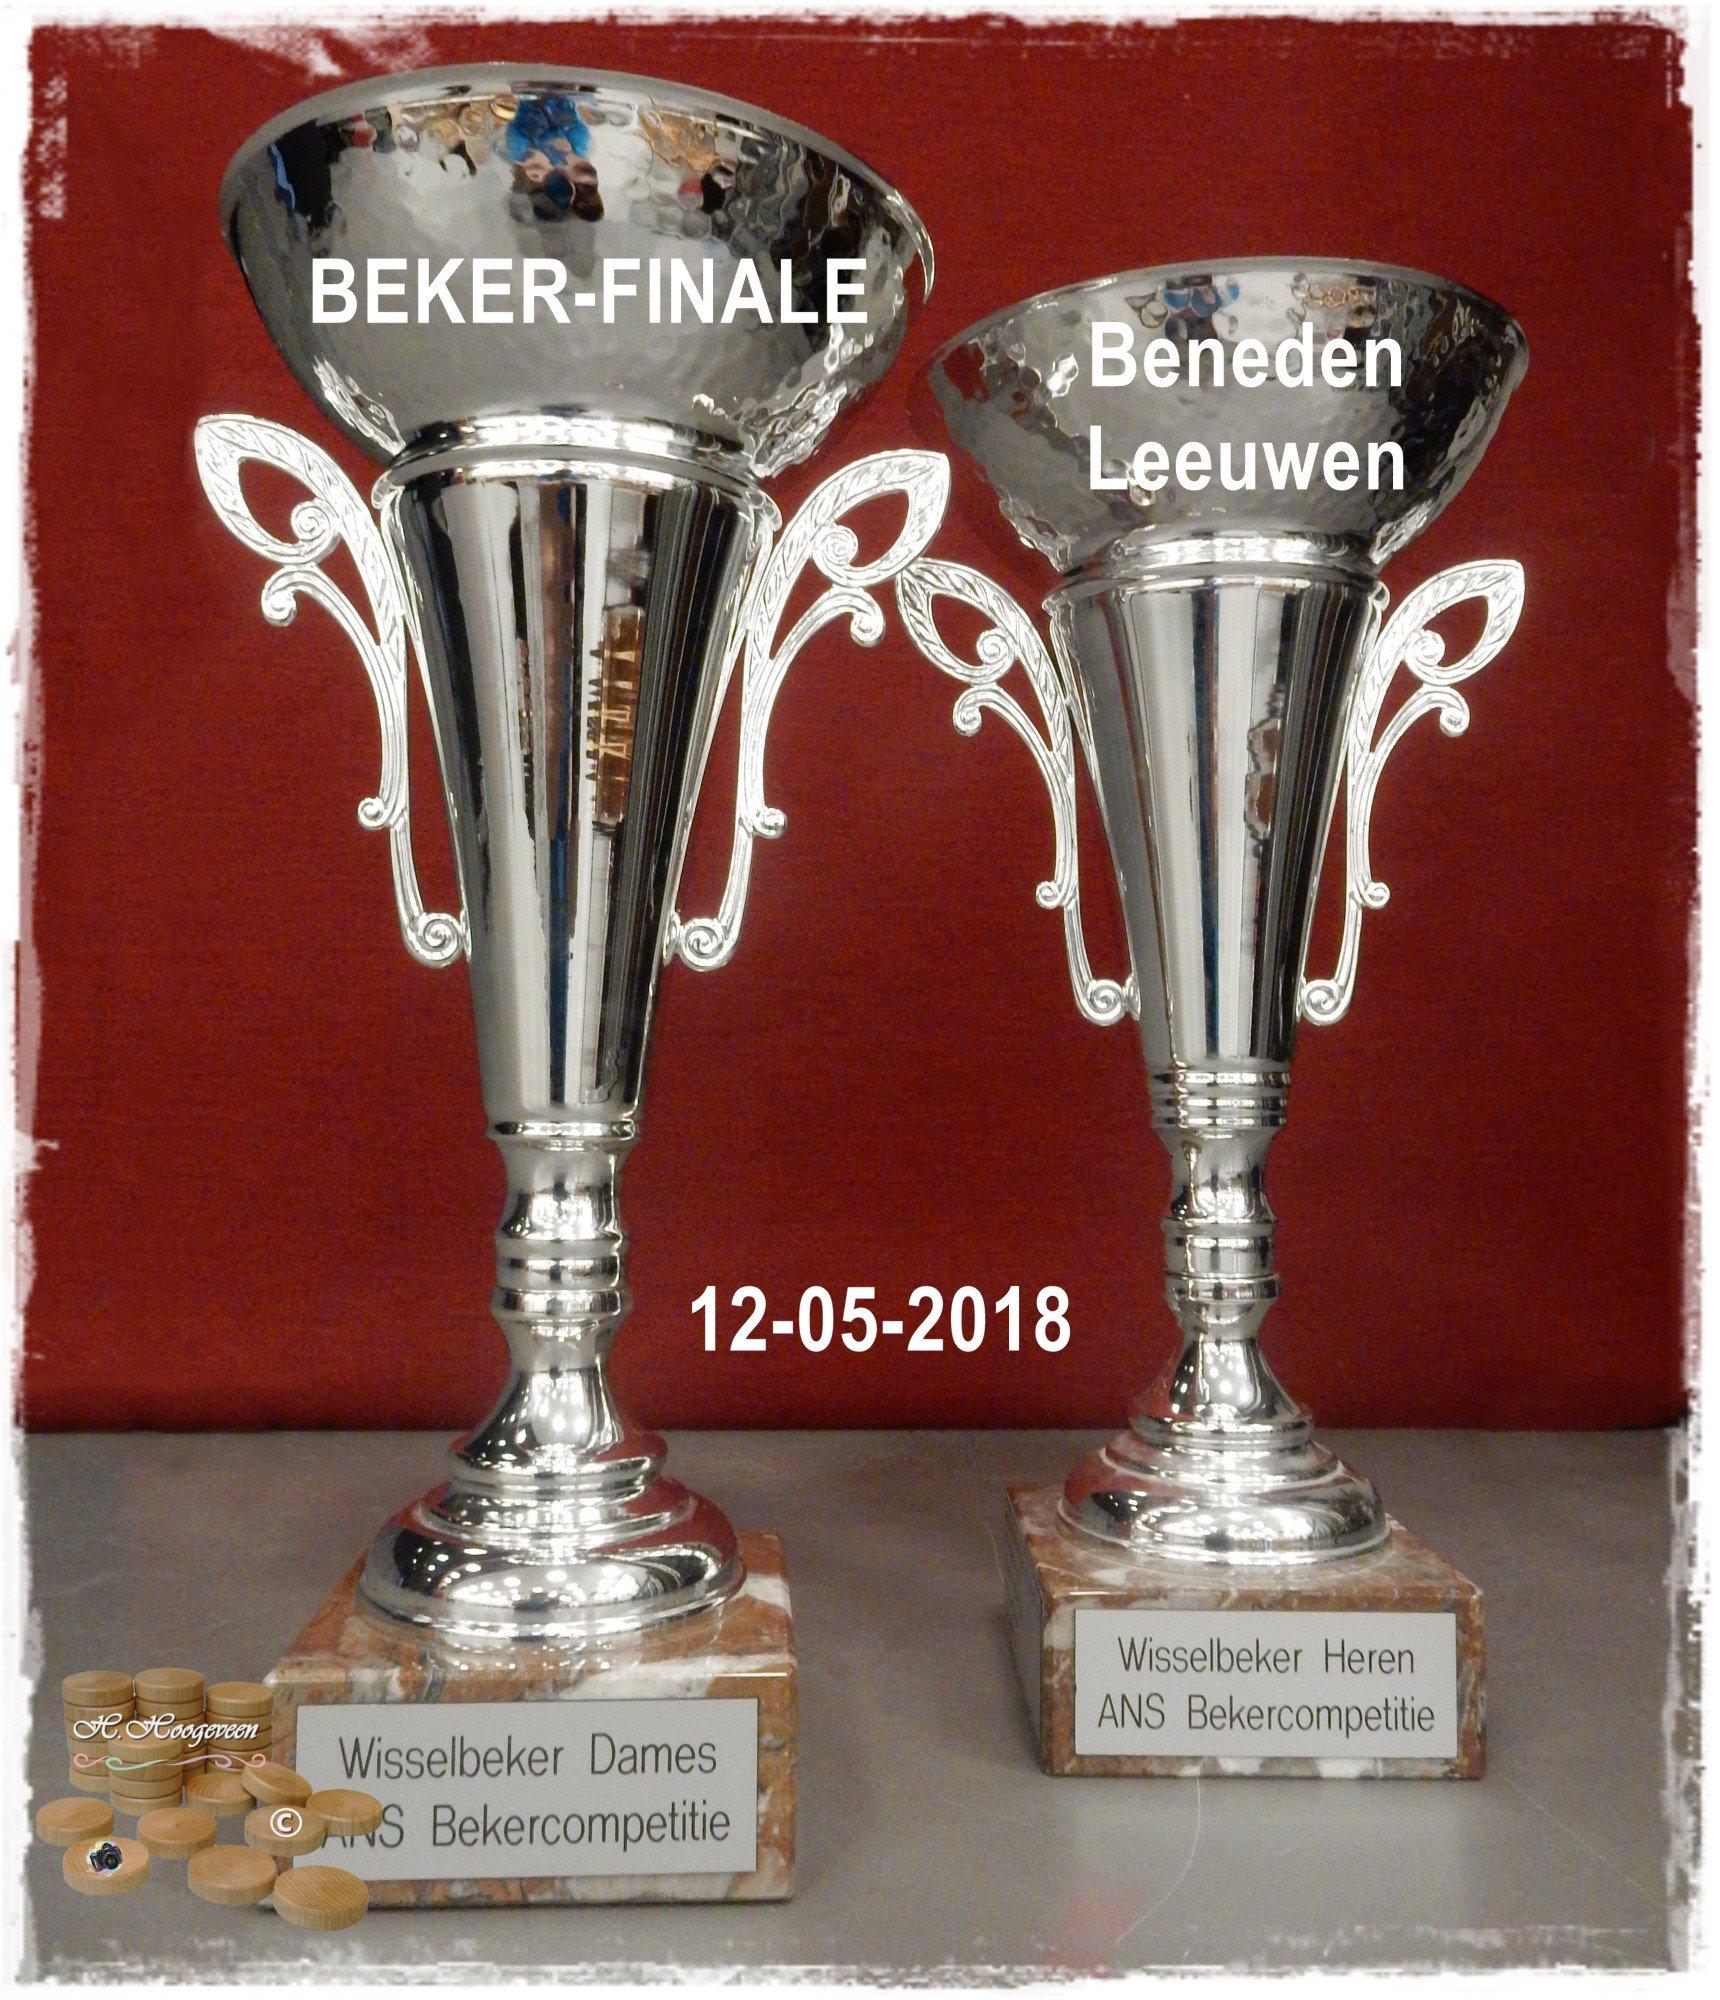 Finale-Beker-12-05-2018-BEN-LEEUWEN (21)-01